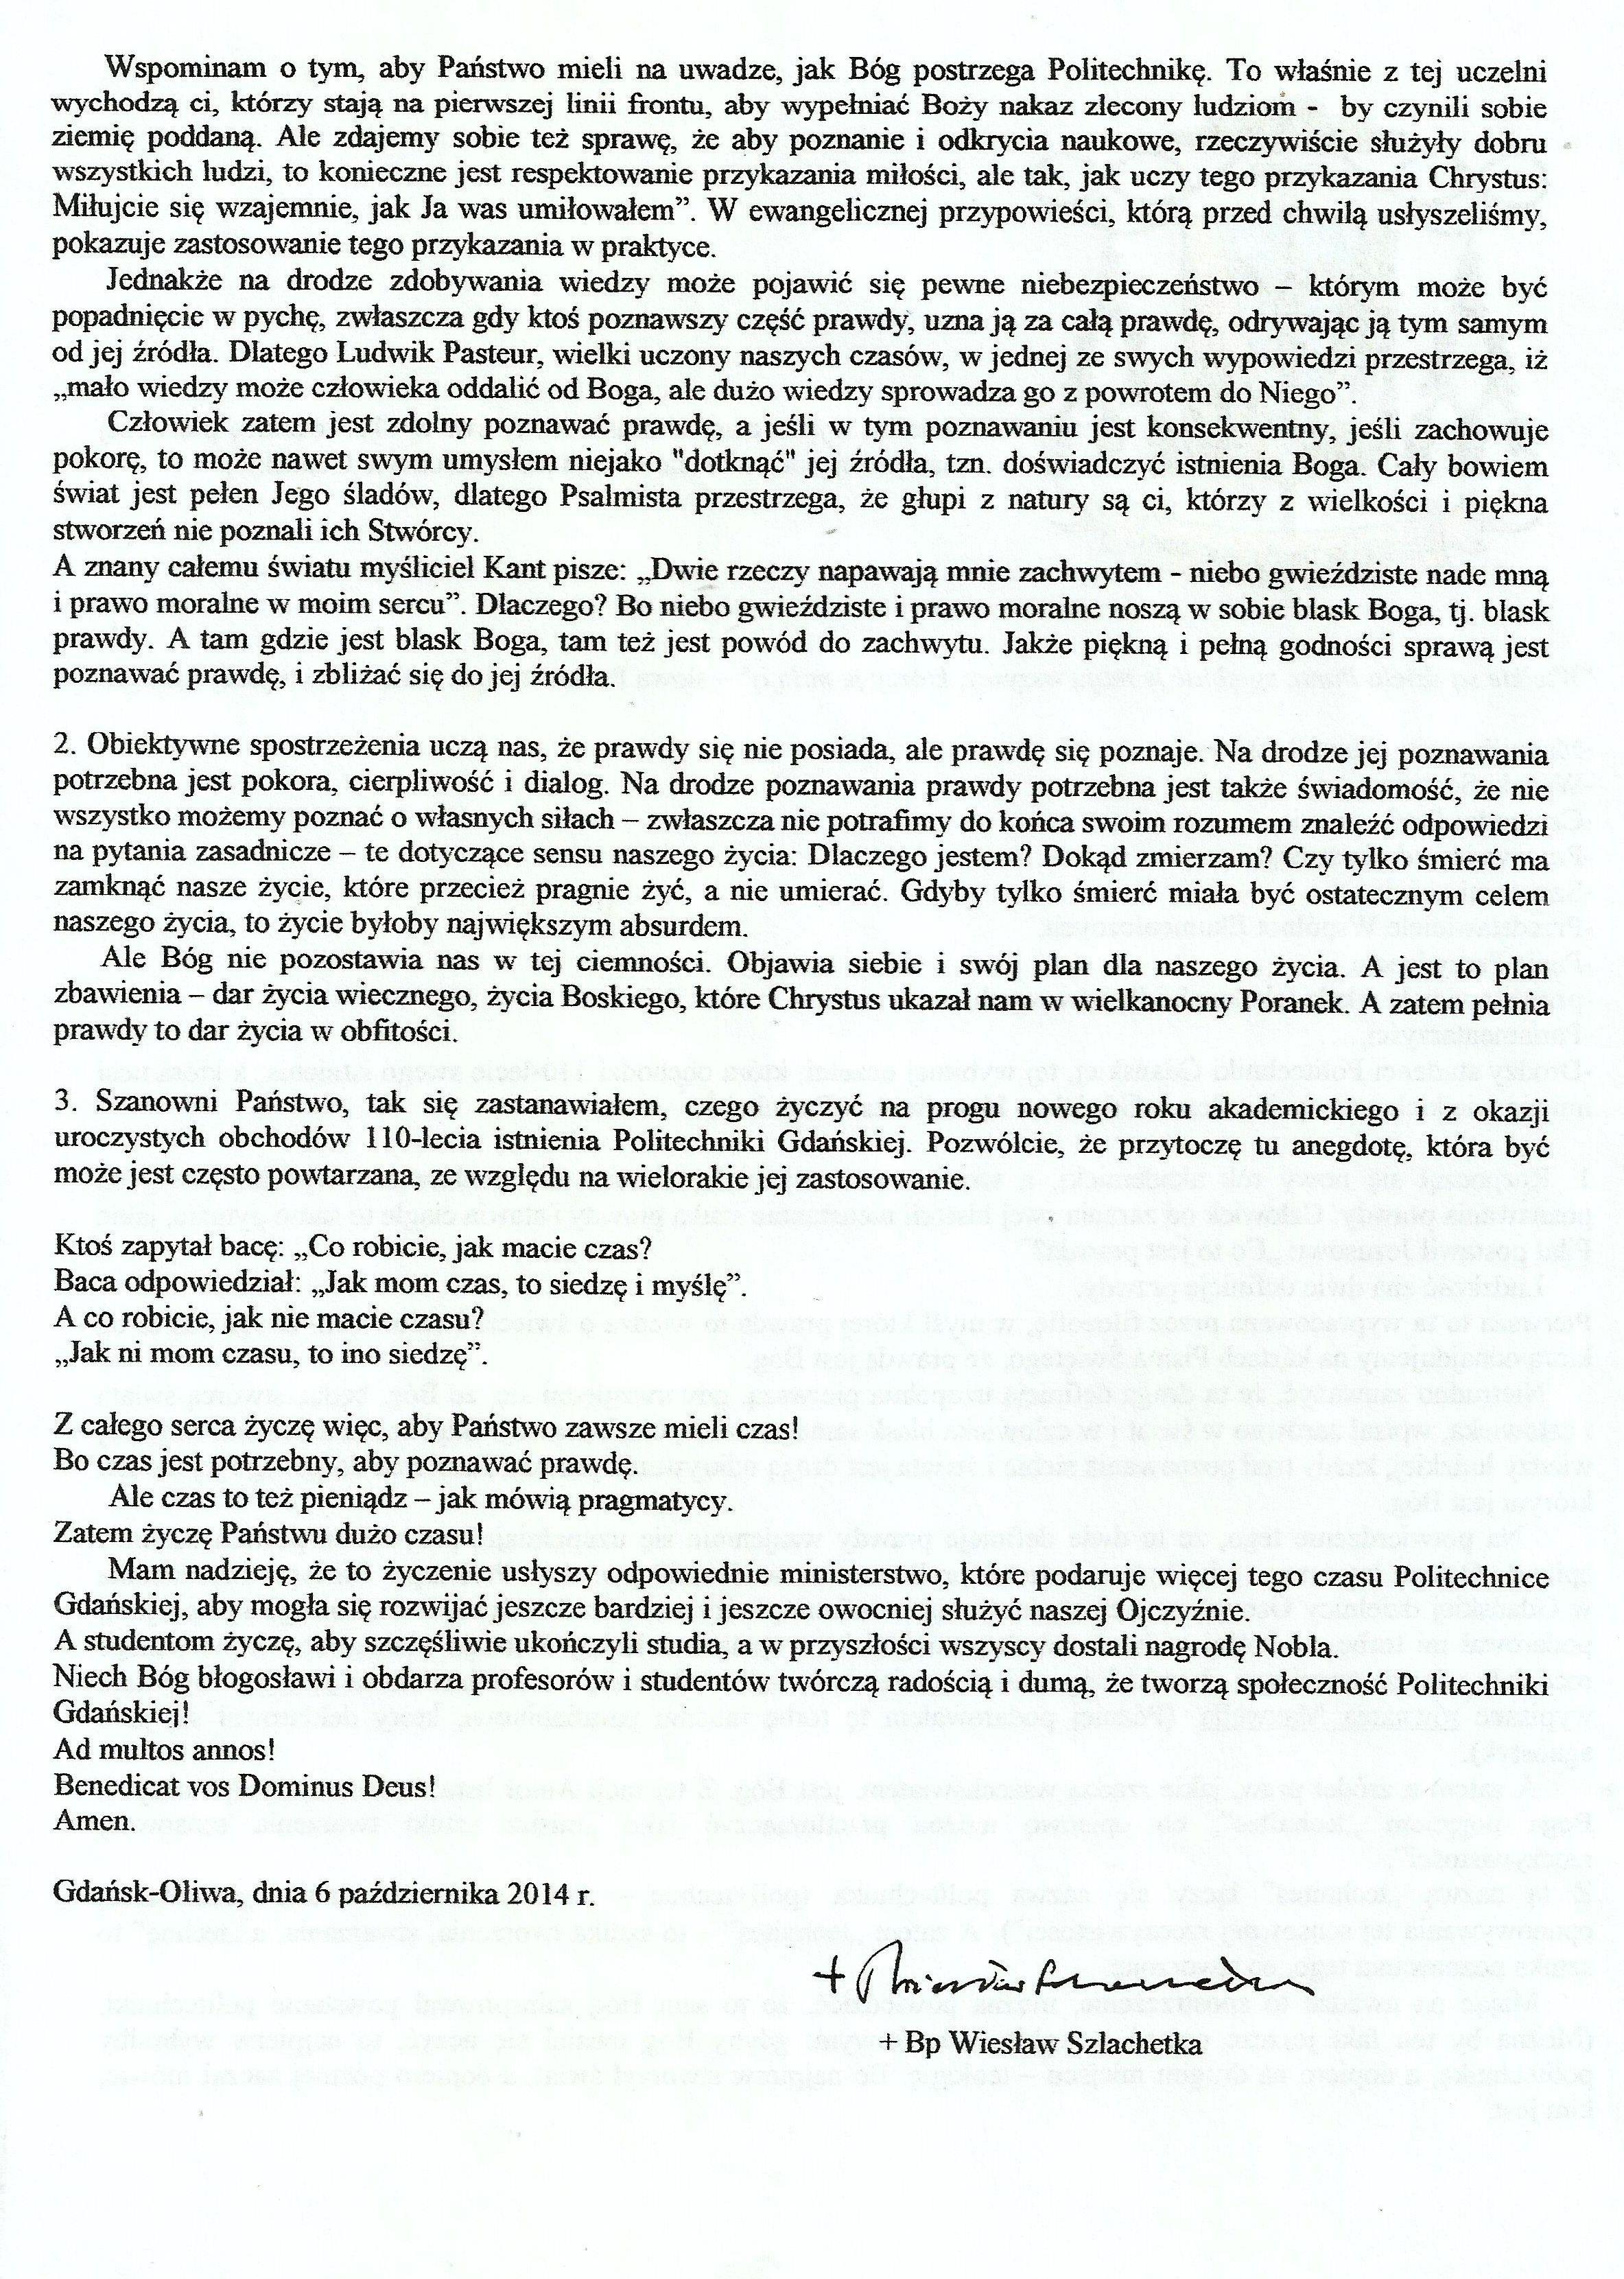 CO TO JEST PRAWDA - bp Wiesław Szlachetka0002